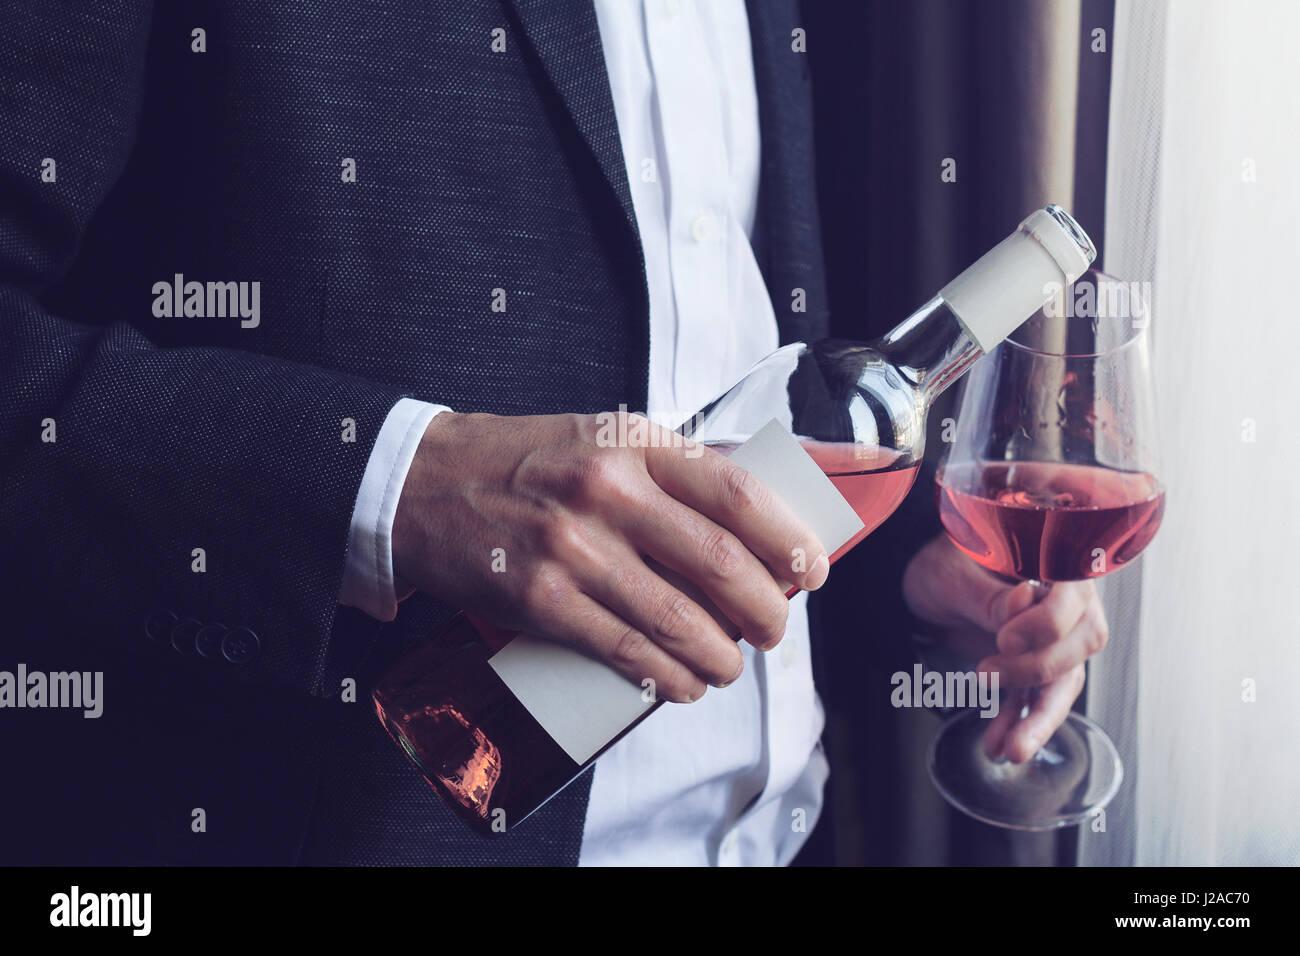 Chiudere orizzontale di uomo caucasico in abito nero e camicia bianca rose versando il vino in un bicchiere alto Immagini Stock